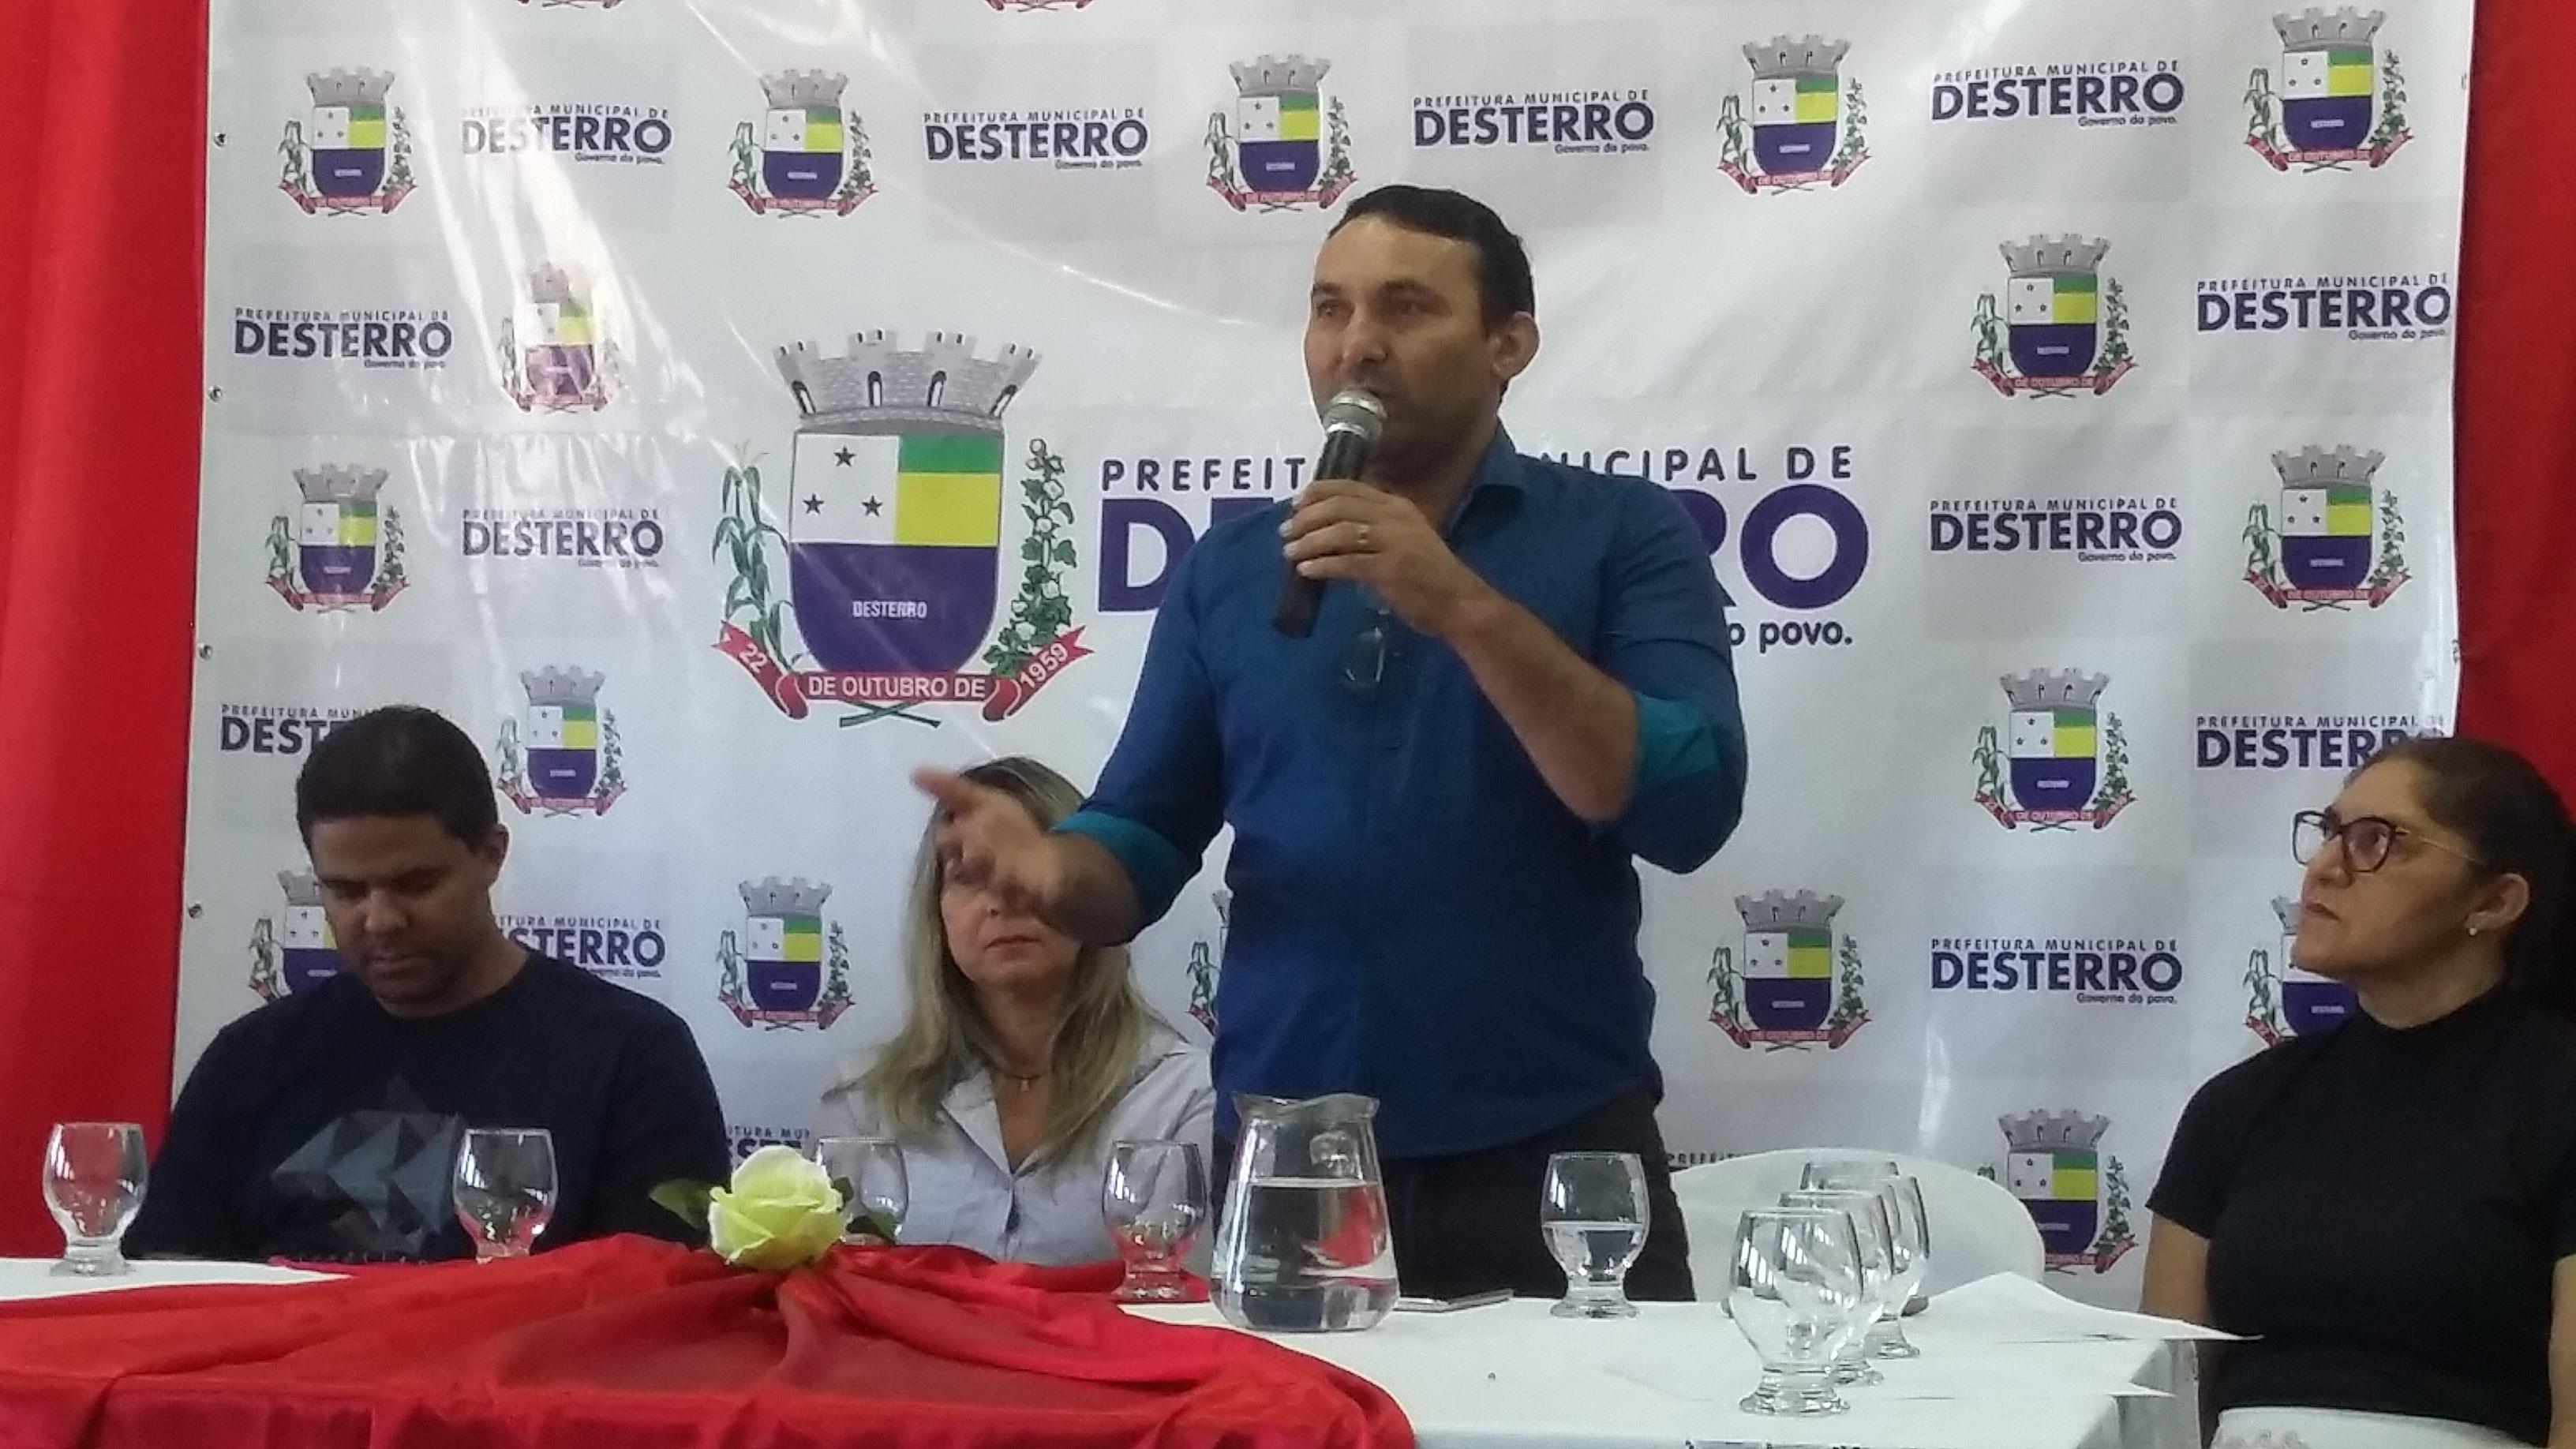 GOVERNO VOLTADO PARA O POVO REALIZA ORÇAMENTO PARTICIPATIVO.